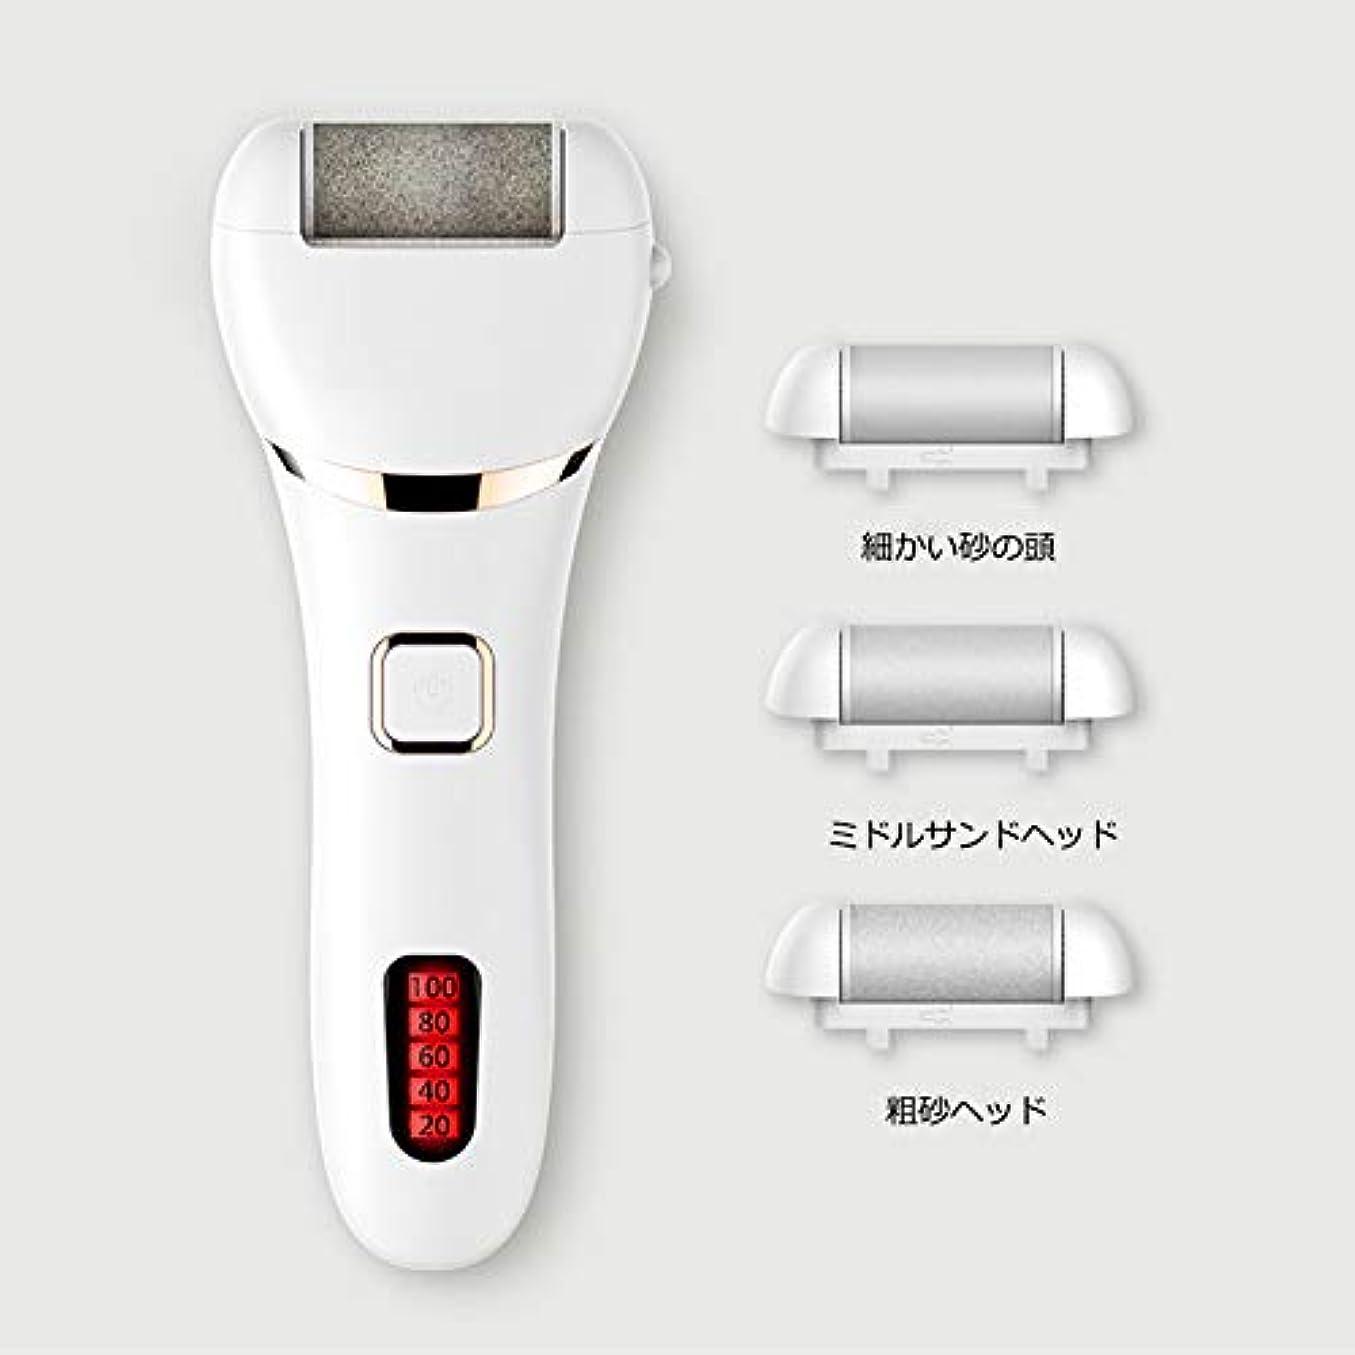 ヨーロッパ世界記録のギネスブック方向電動かかと角質取り リムーバー 水洗いでき 角質クリア ワンタッチスタート ローラー フットケア USB充電 角質リムーバー 女性/老人が大好 フットケアに大人気